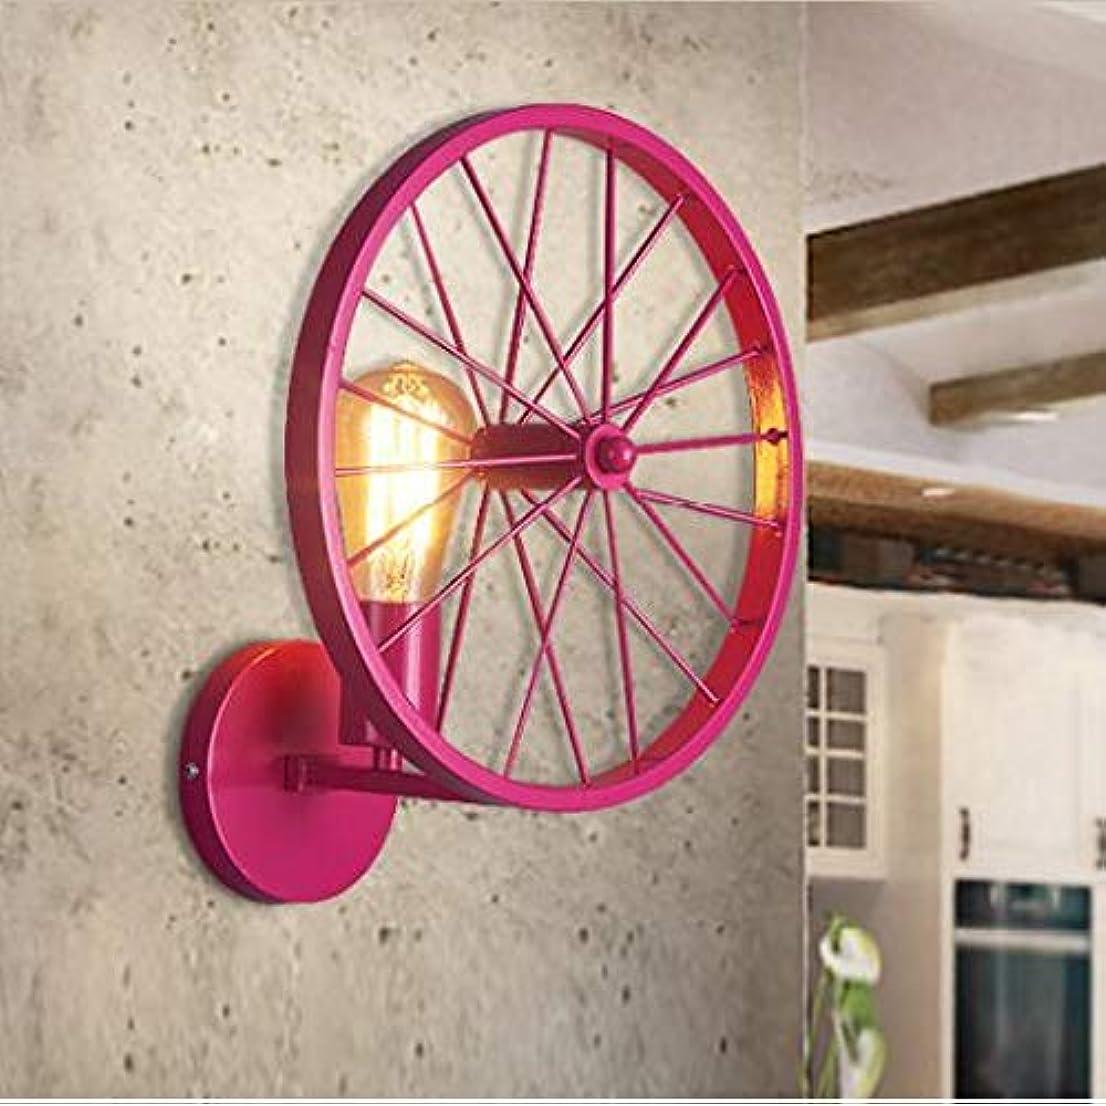 酸度こっそり燃やすE27アメリカのレトロな産業壁ランプアンティーク錬鉄ホイールウォールライトノスタルジックなレストランバー装飾壁取り付け用燭台 (Color : Pink)